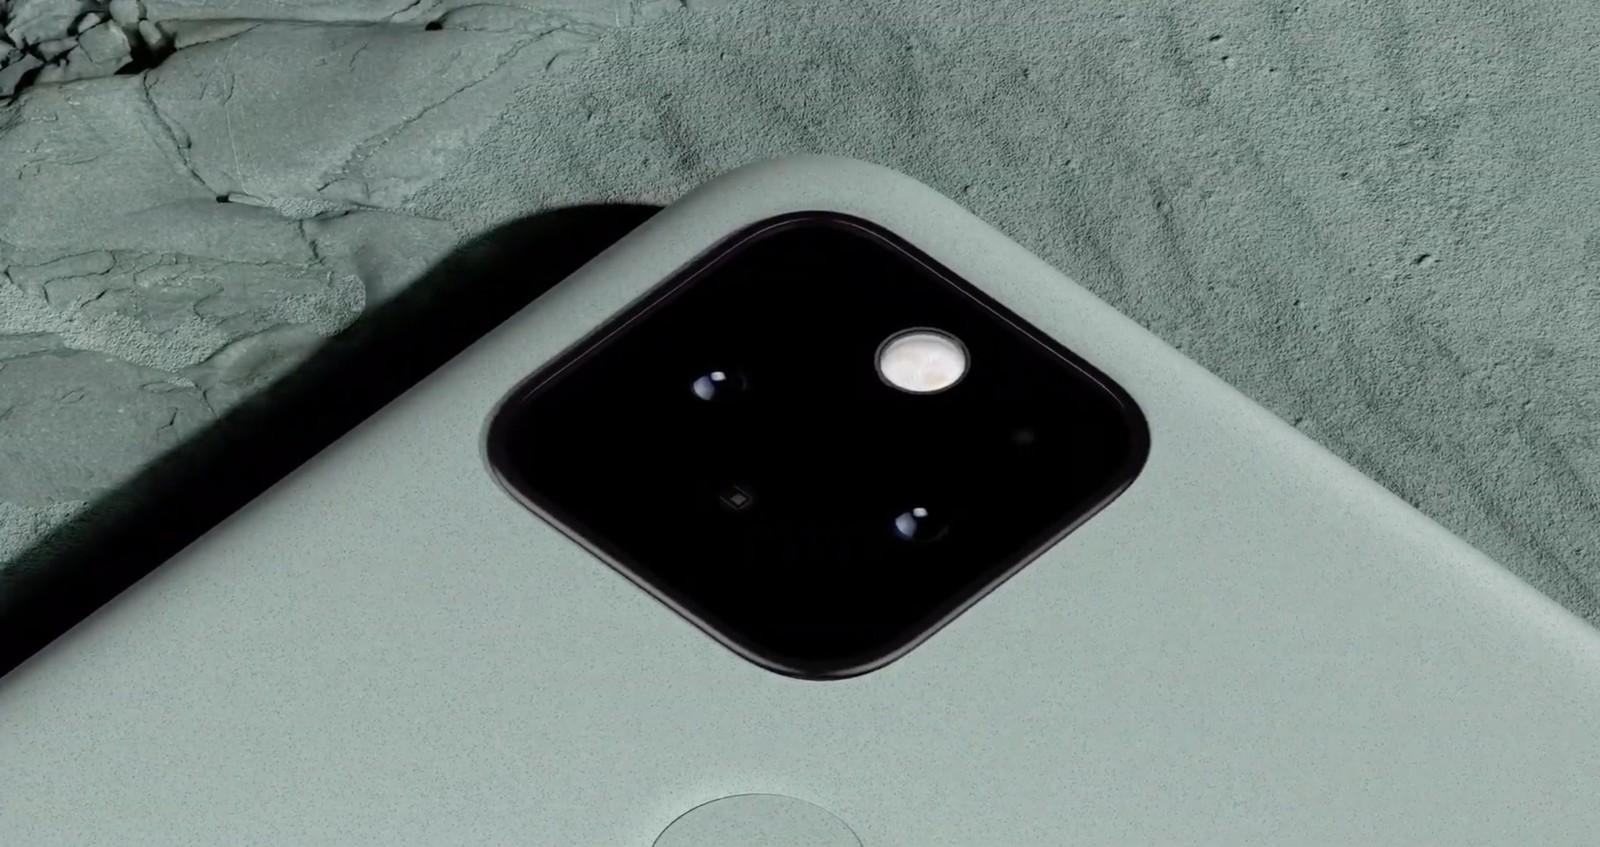 , Pixel 5, Pixel 4a : Google désactive la retouche des selfies par défaut